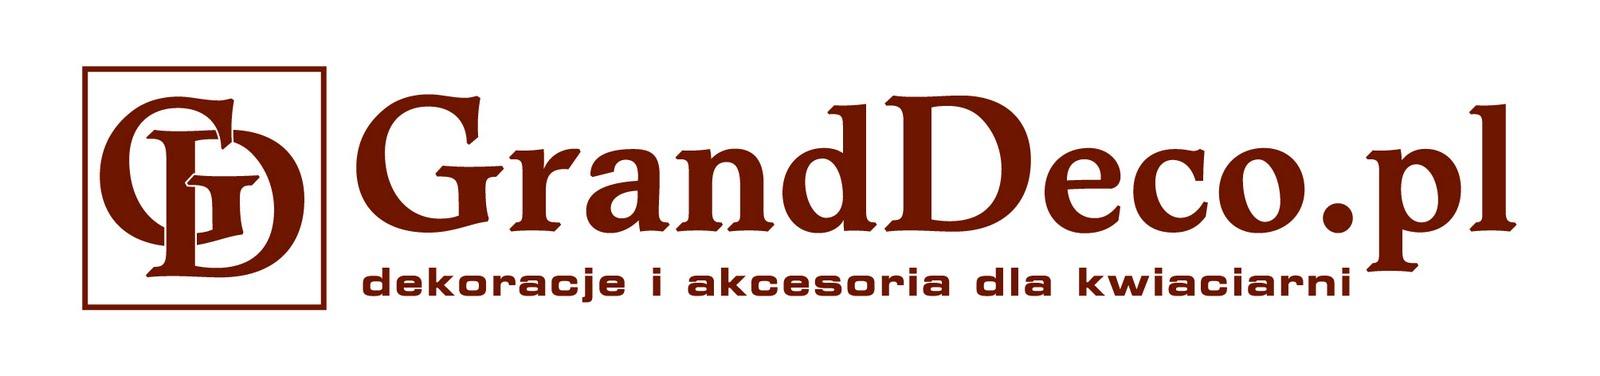 Granddeco, Dekoracje i akcesoria dla kwiaciarni, Przeźmierowo